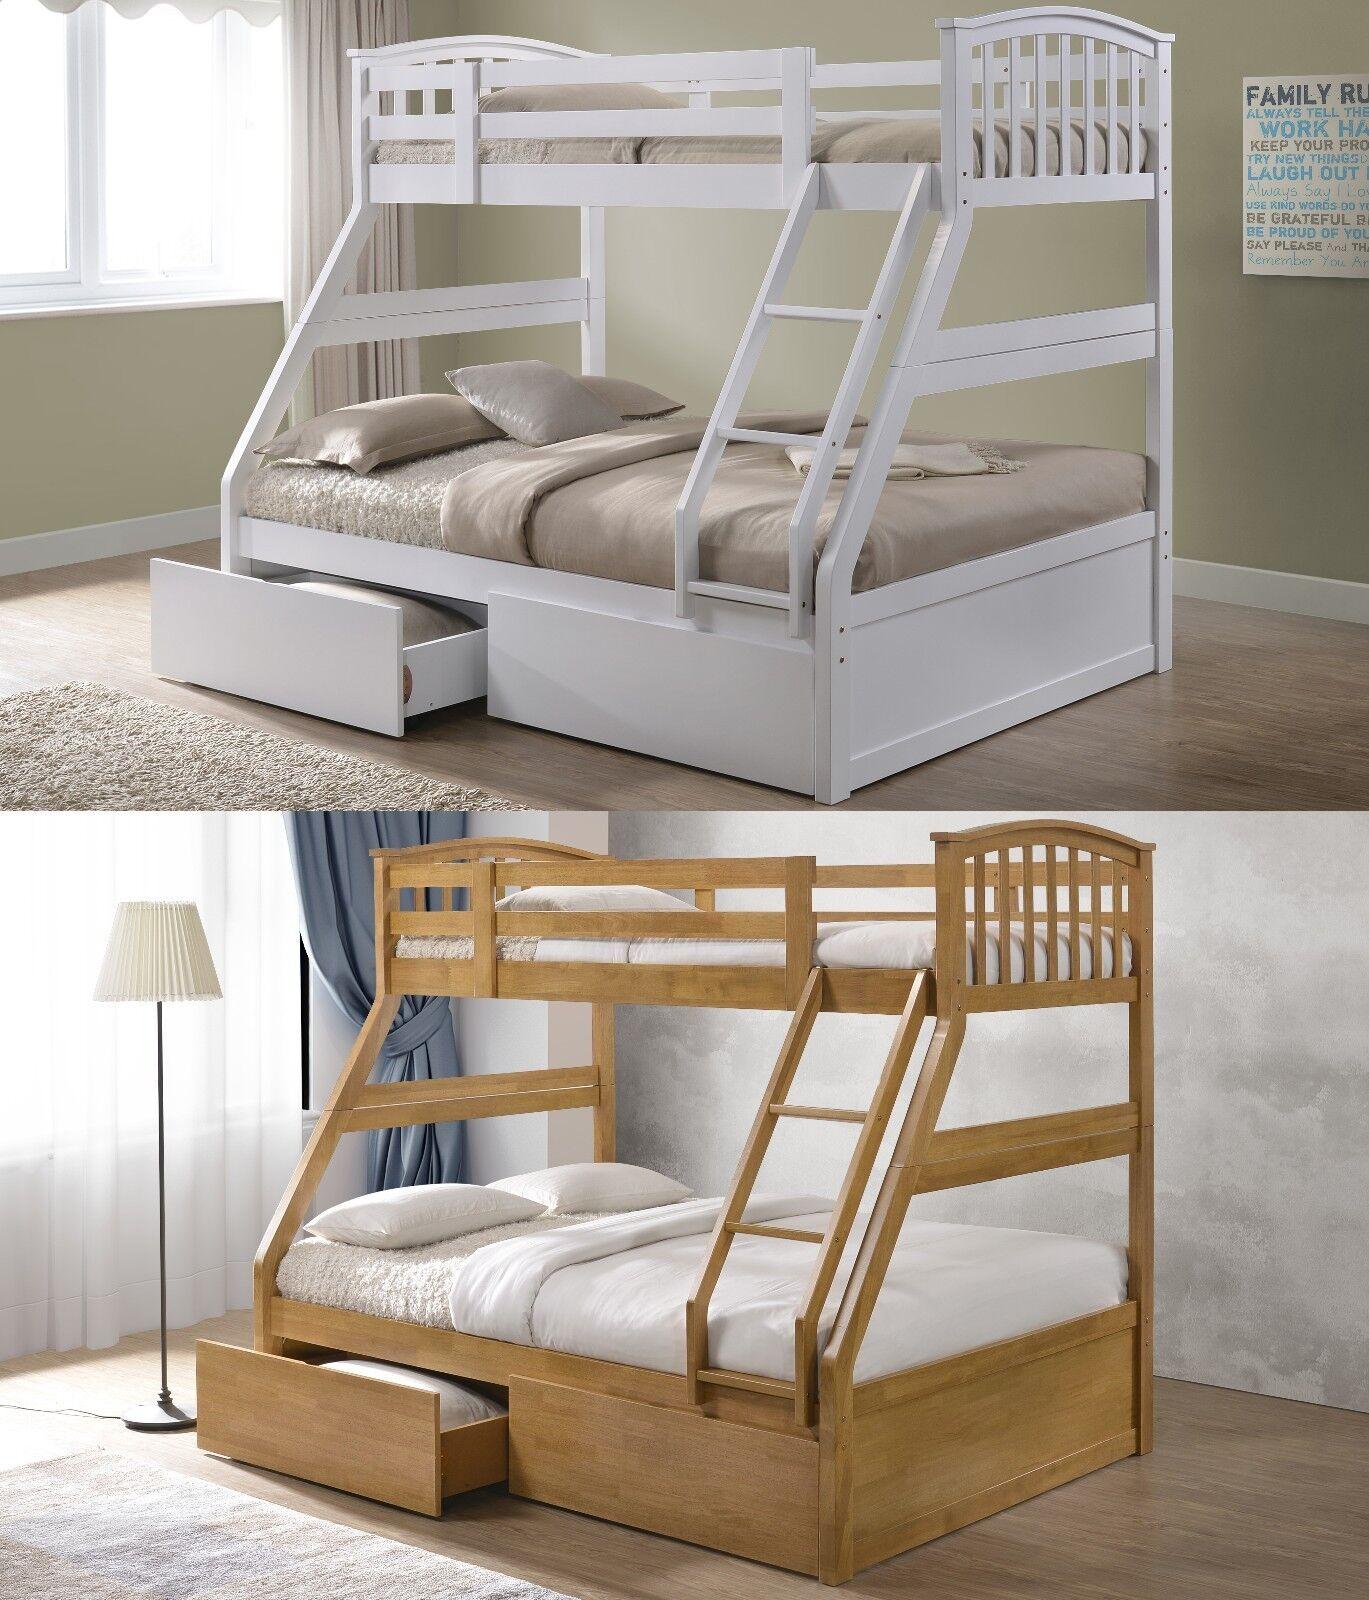 Triple Bunk Bunk Beds Marcuscable Com